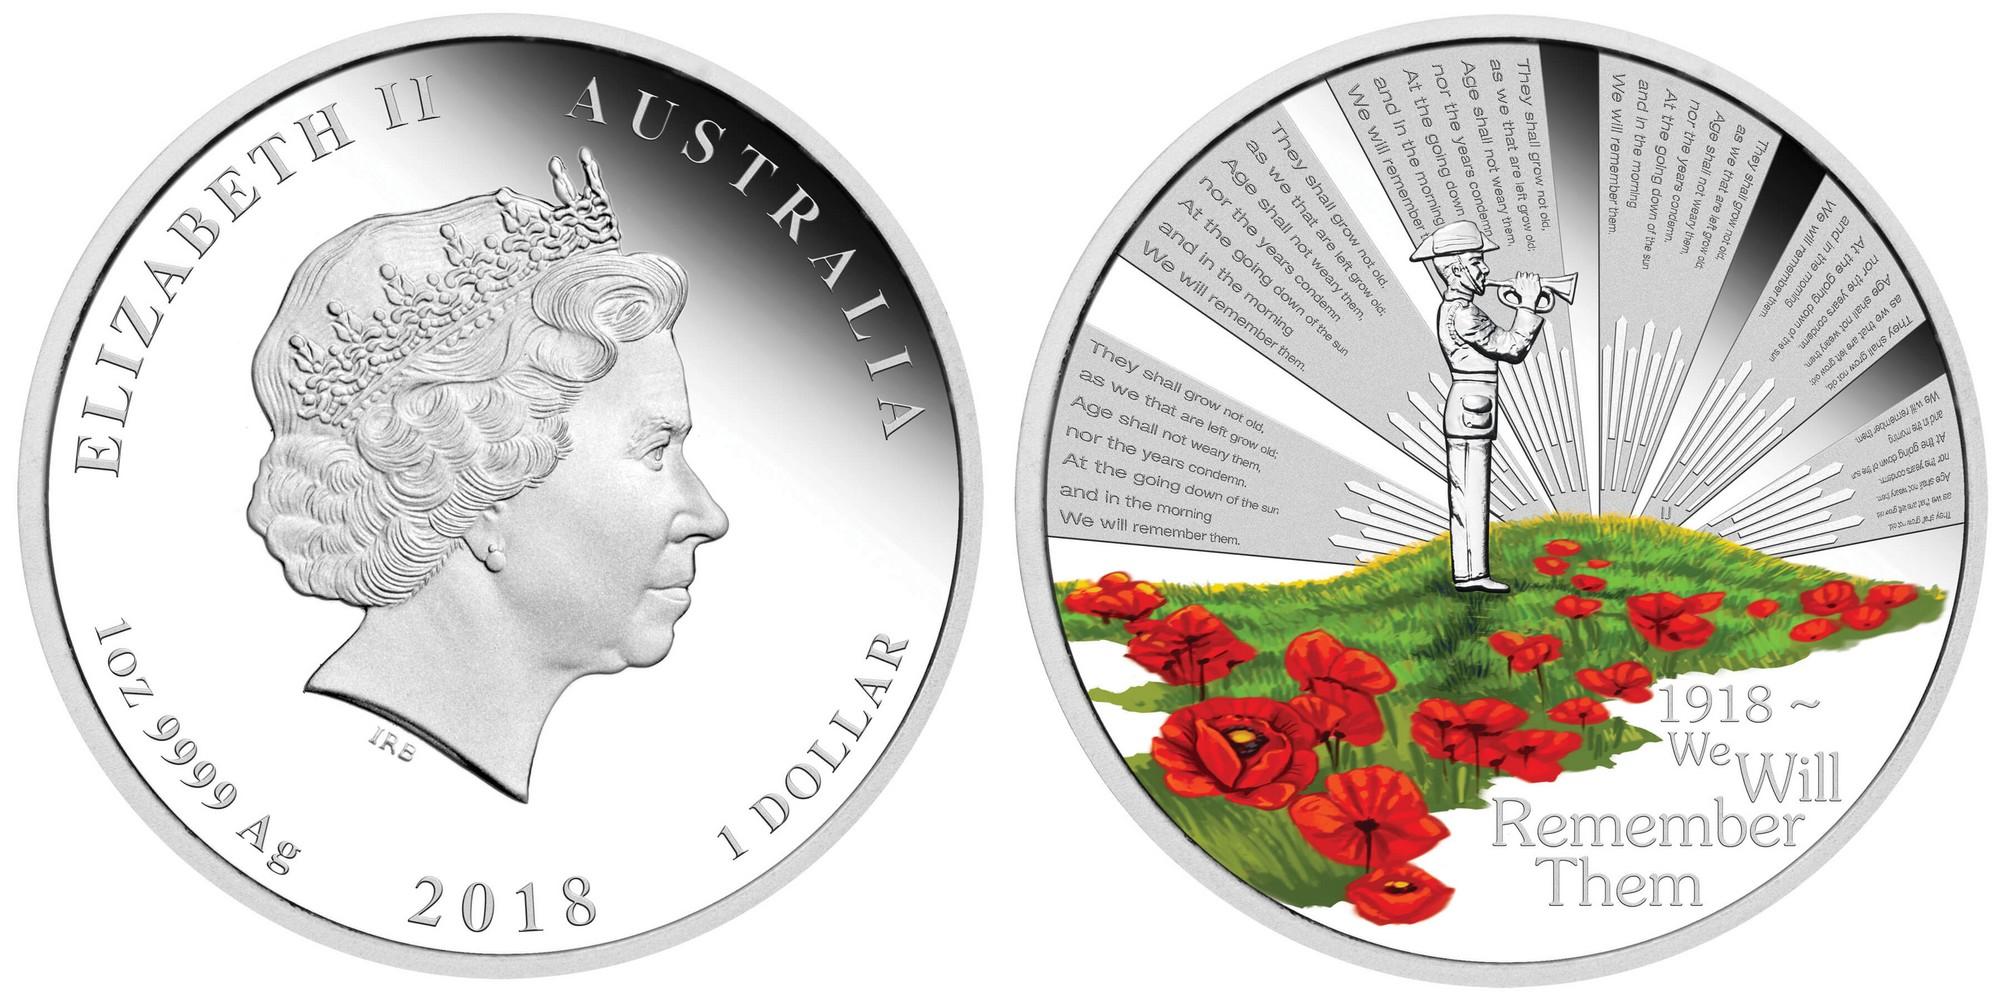 australie 2018 nous nous souviendrons d'eux